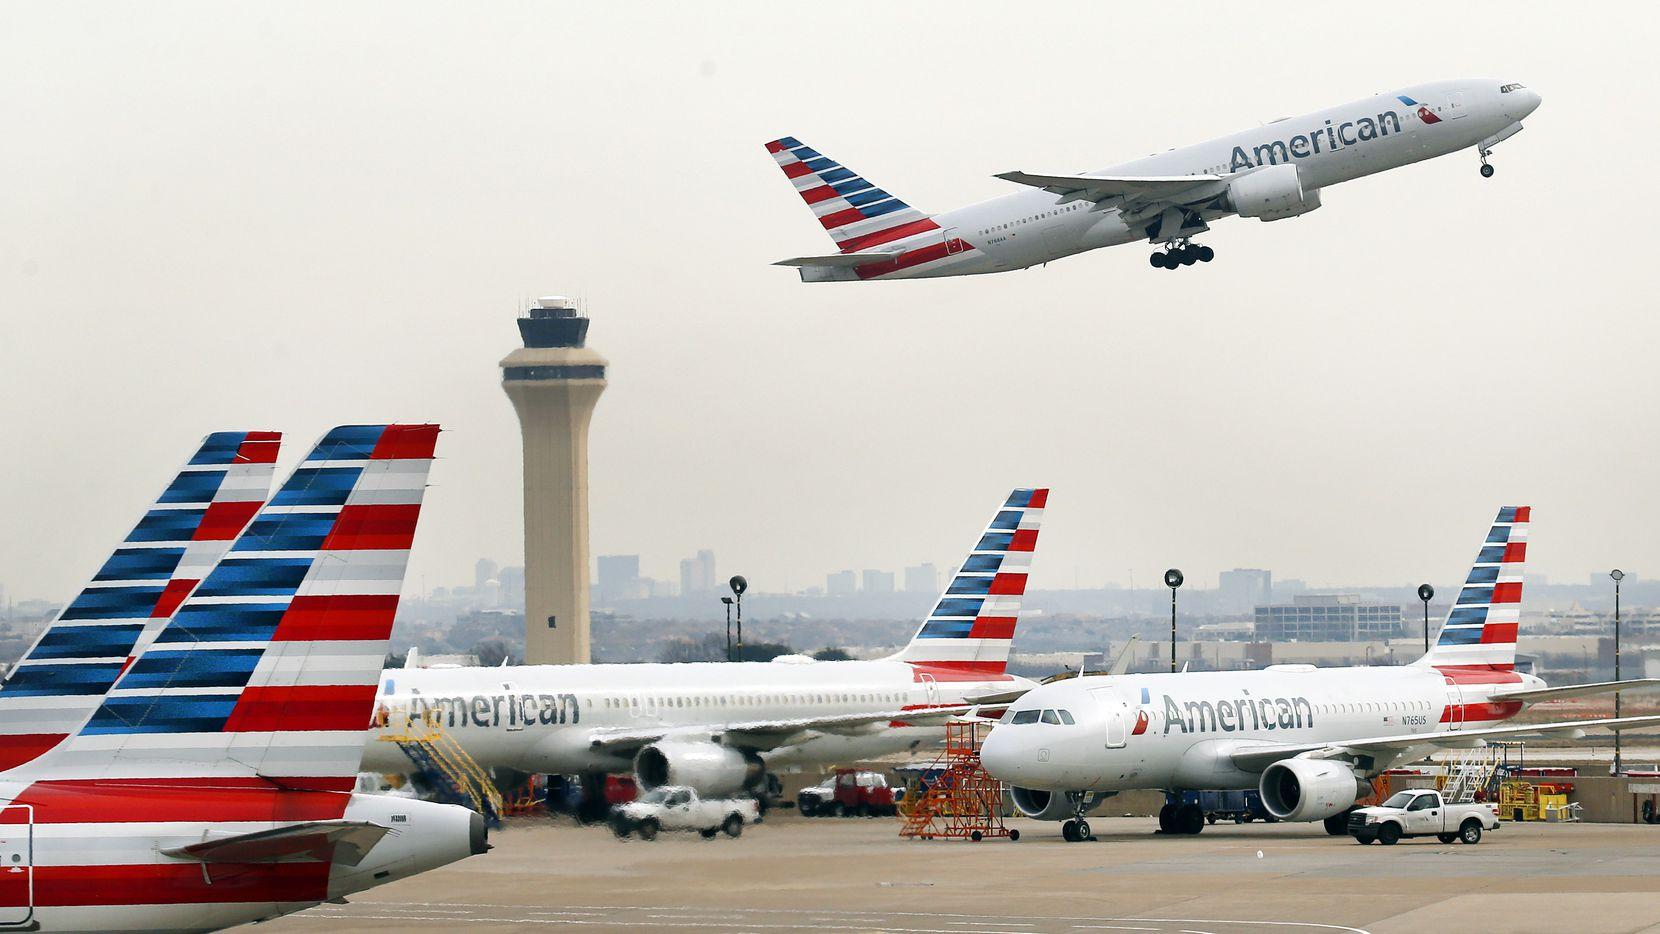 Malgré la flambée des infections, 3 millions d'Américains ont pris l'avion au cours du week-end du nouvel an